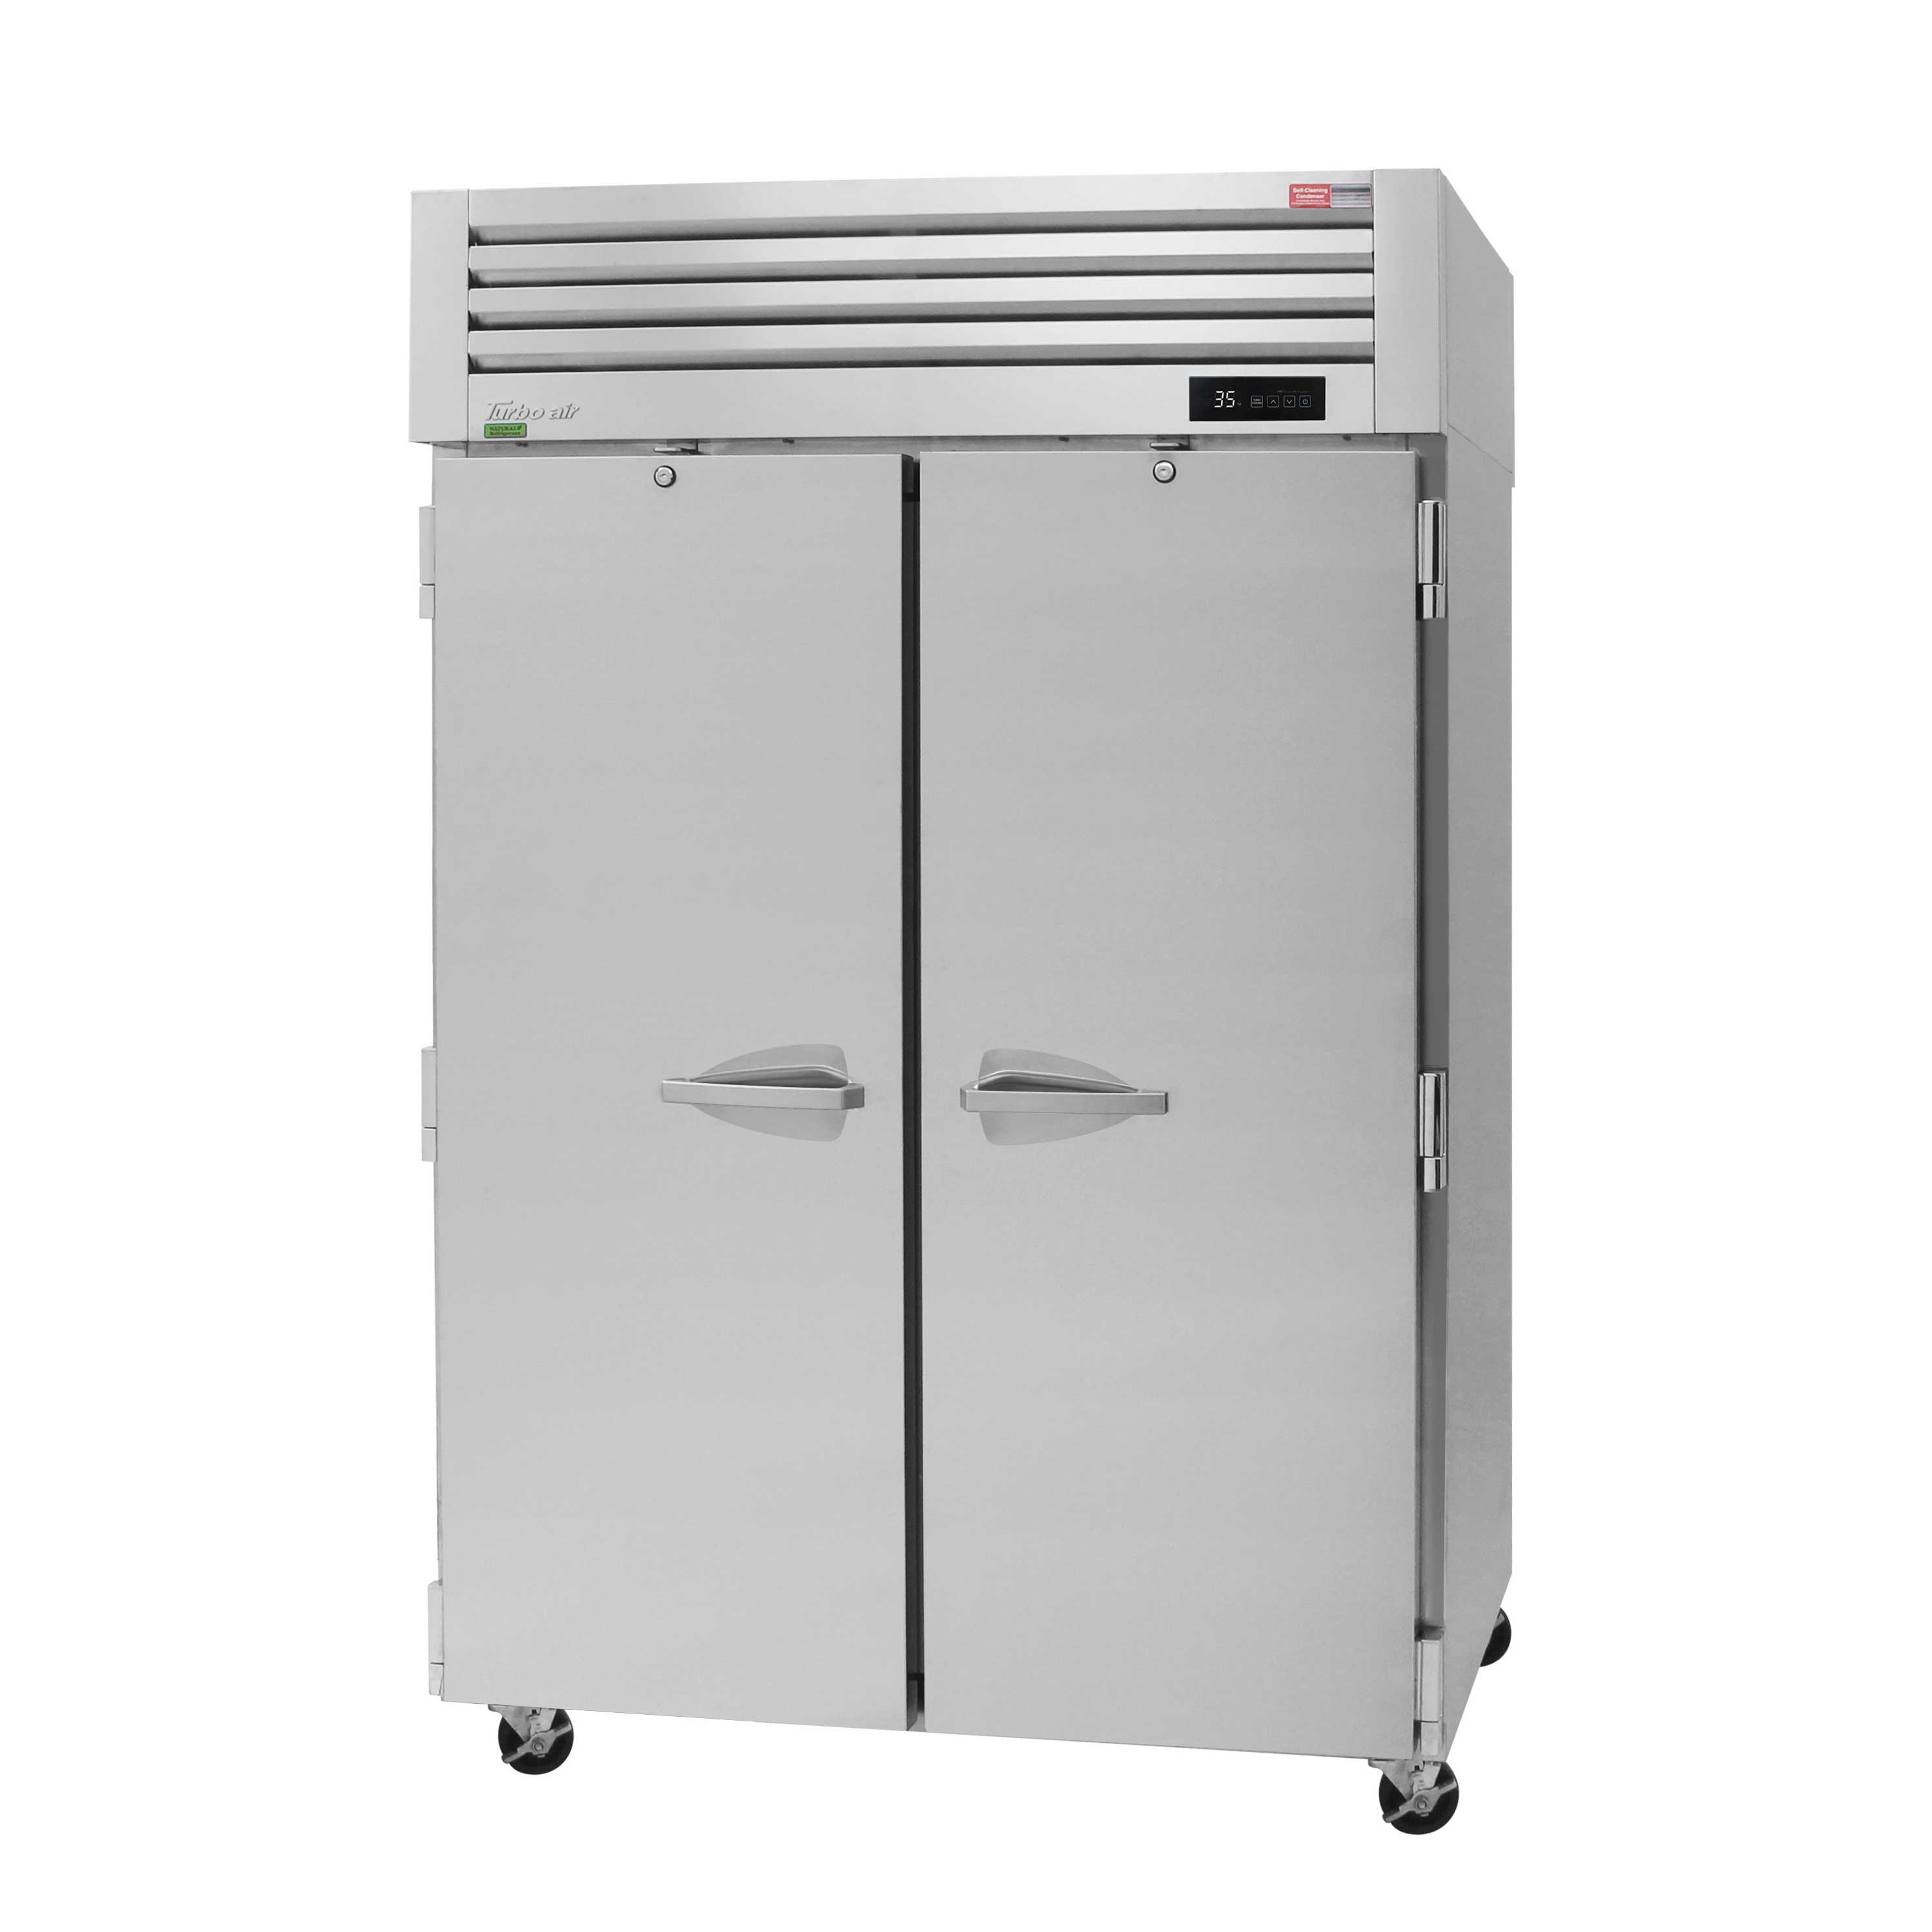 Turbo Air PRO-50R-N refrigerator, reach-in